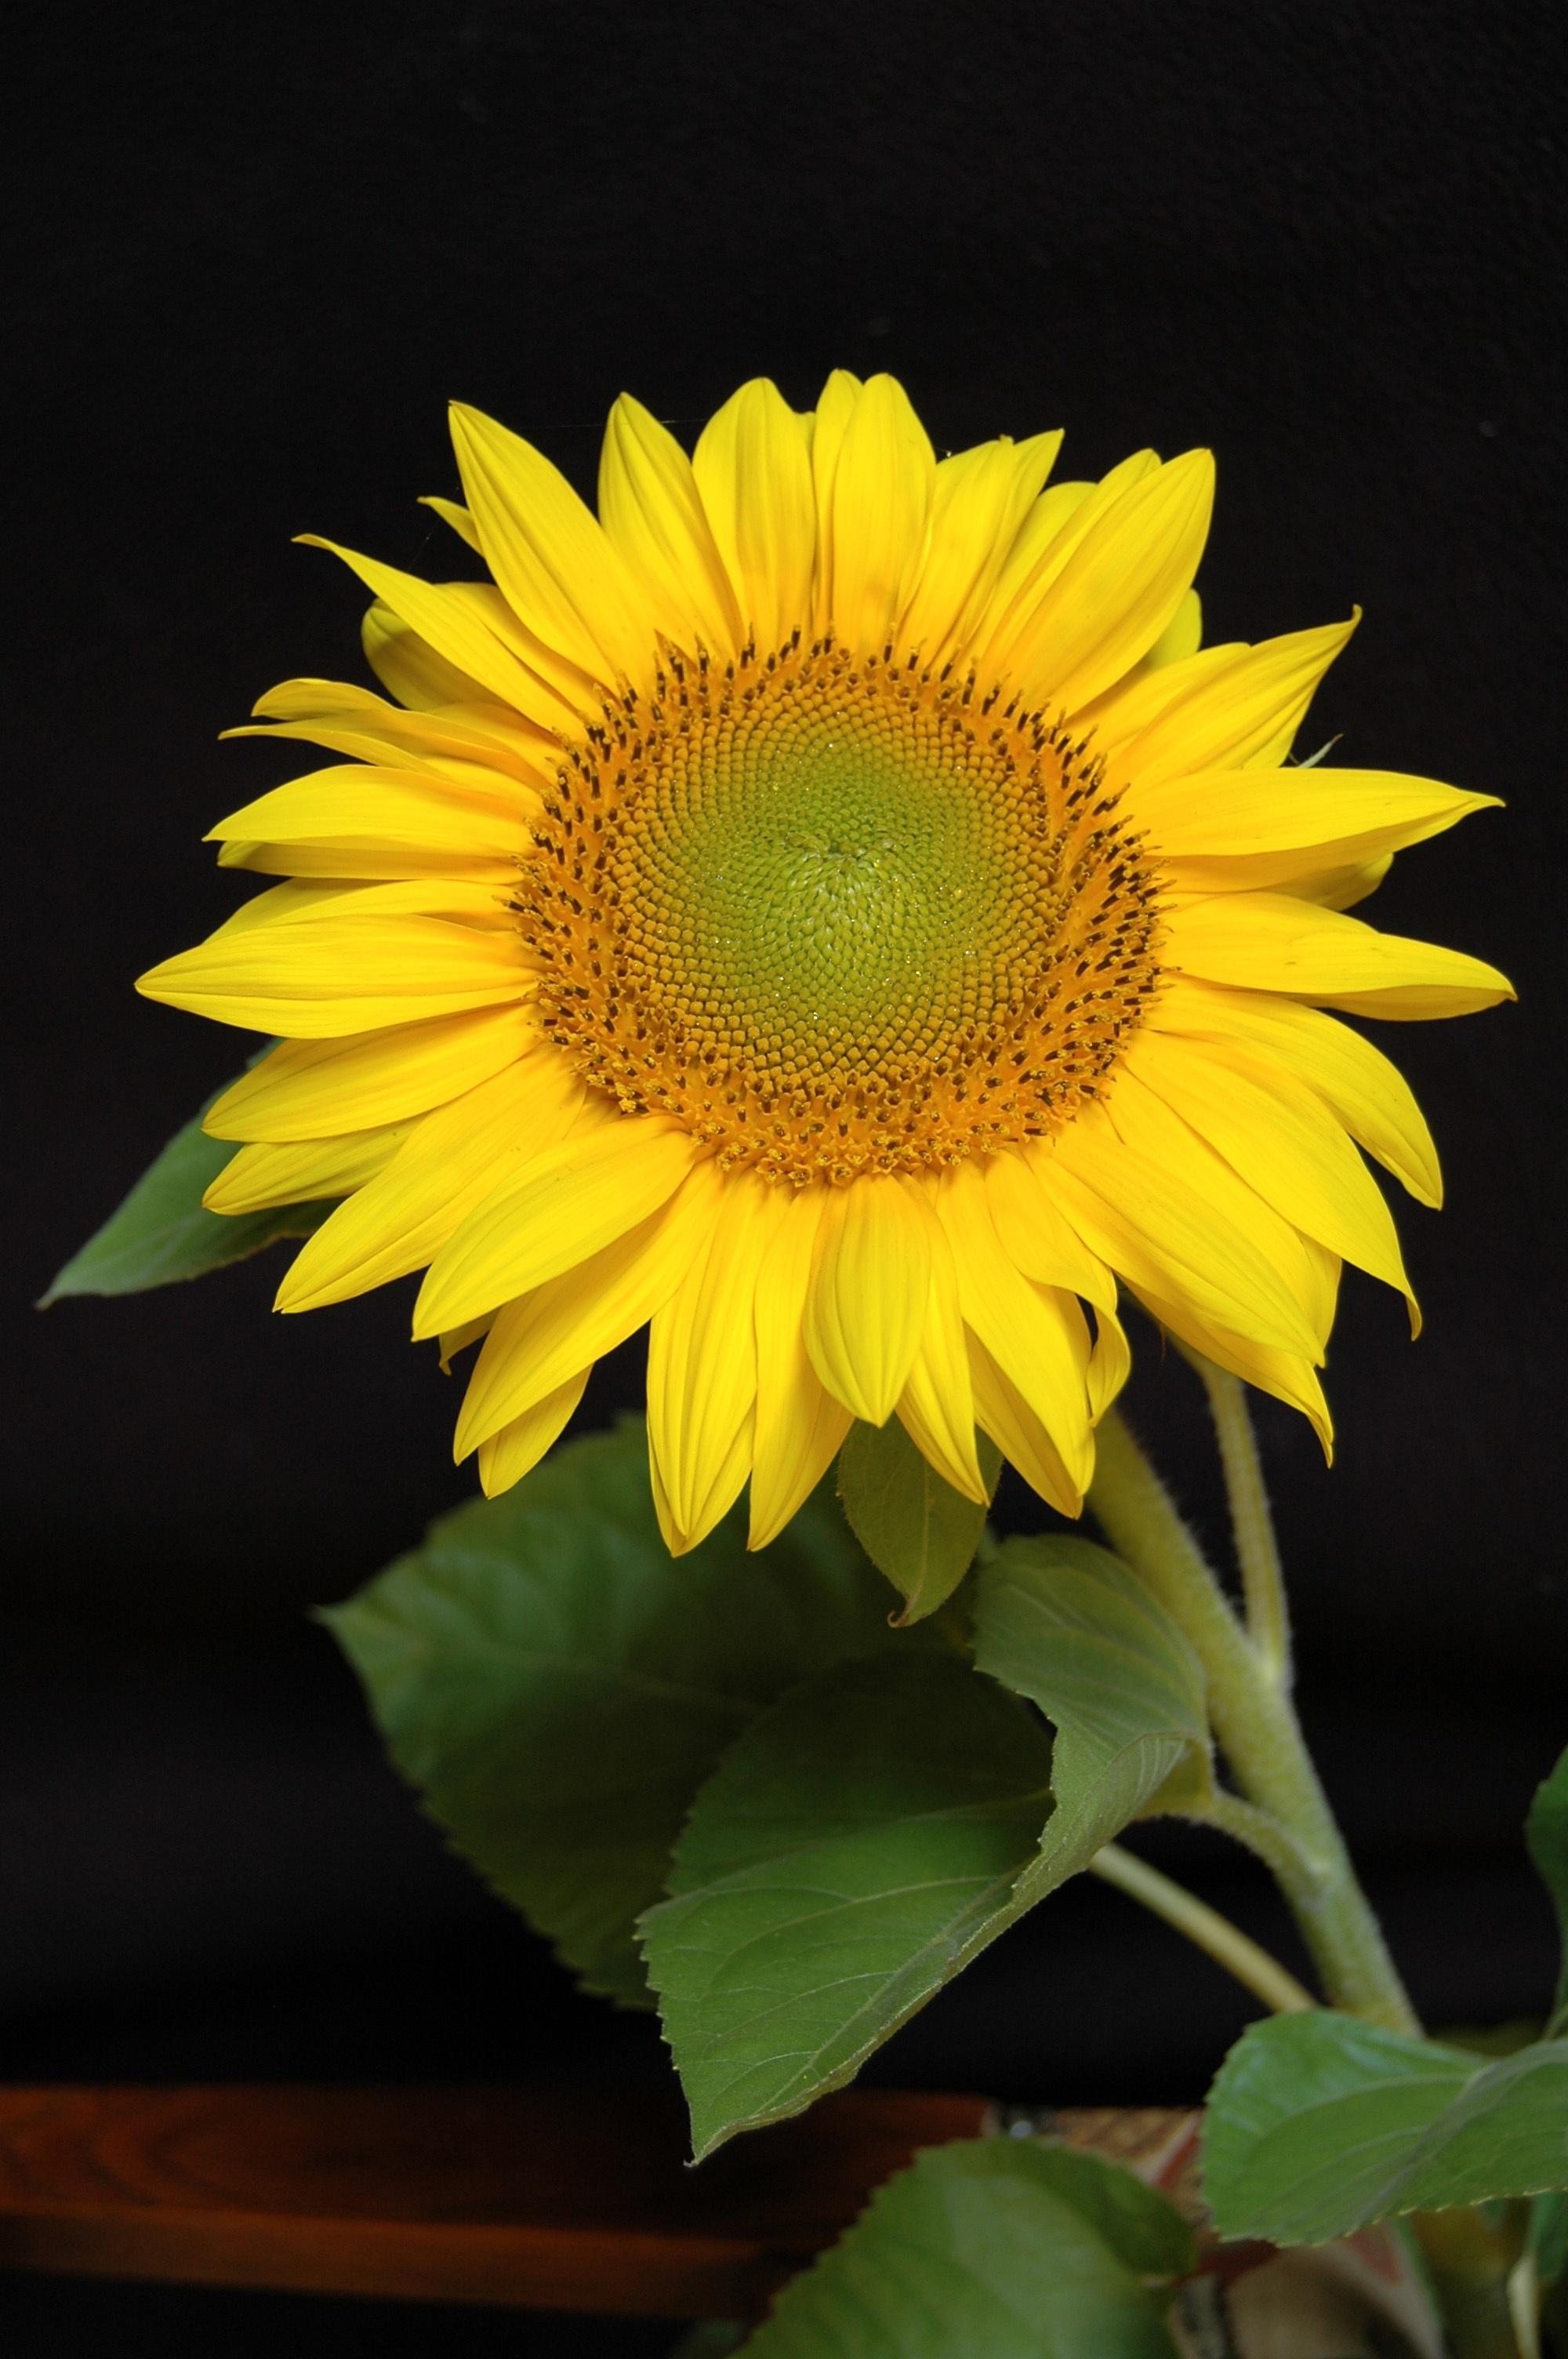 yellow flower plant in macro shot  u00b7 free stock photo